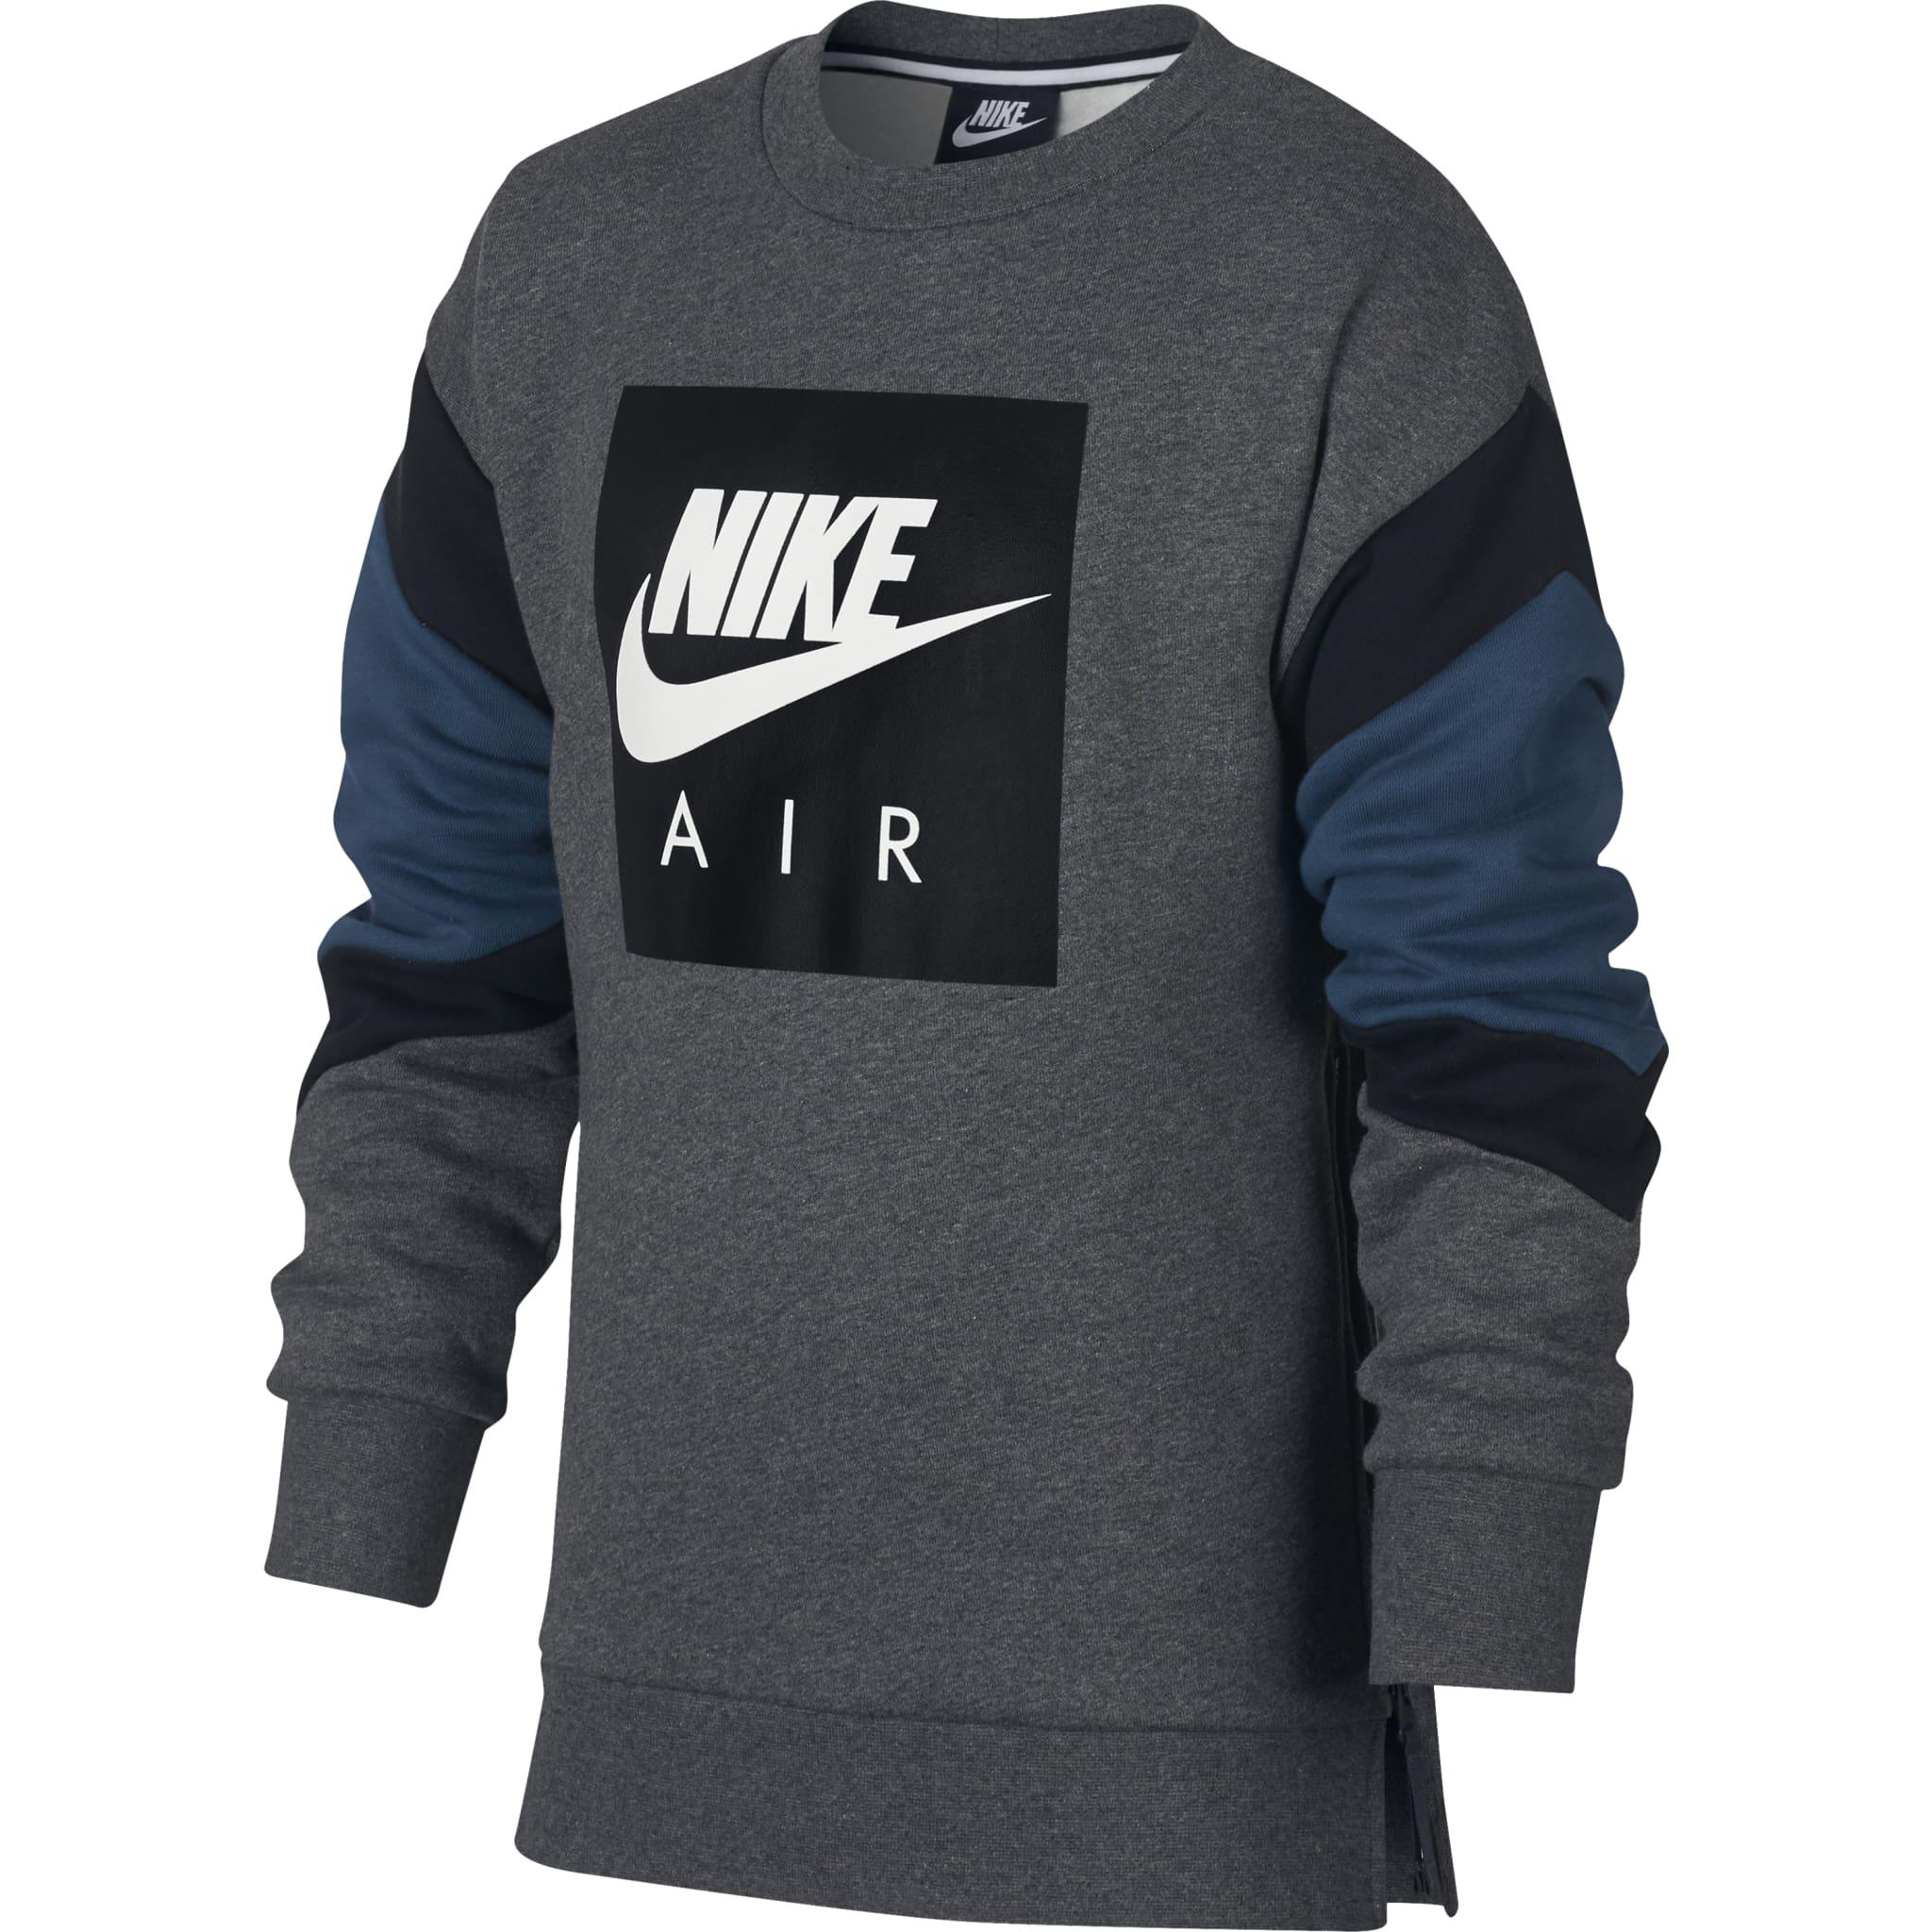 Supermyk genser med glidelås til lufting på siden